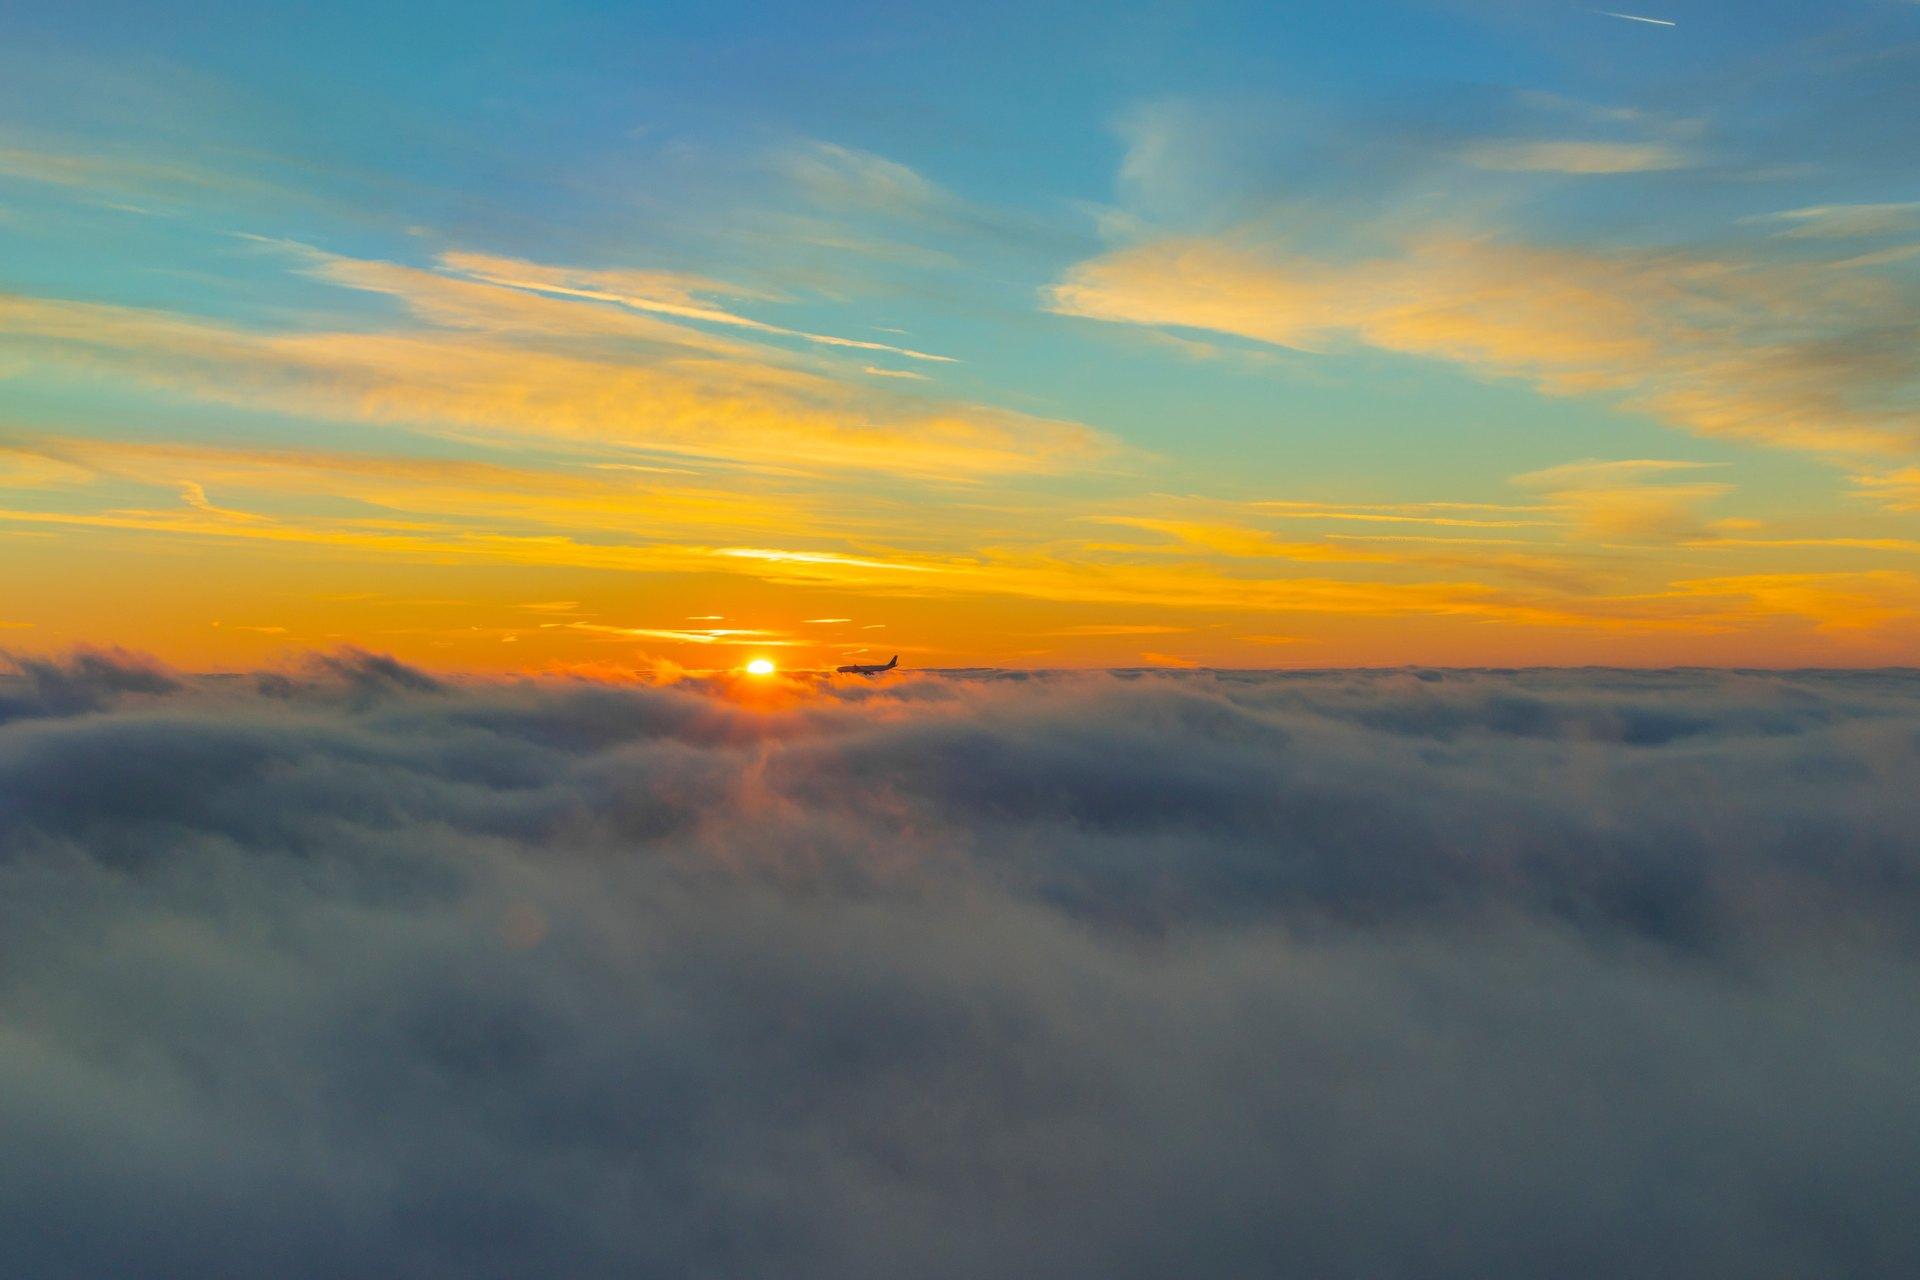 Flugzeug bei Sonnenaufgang über den Wolken